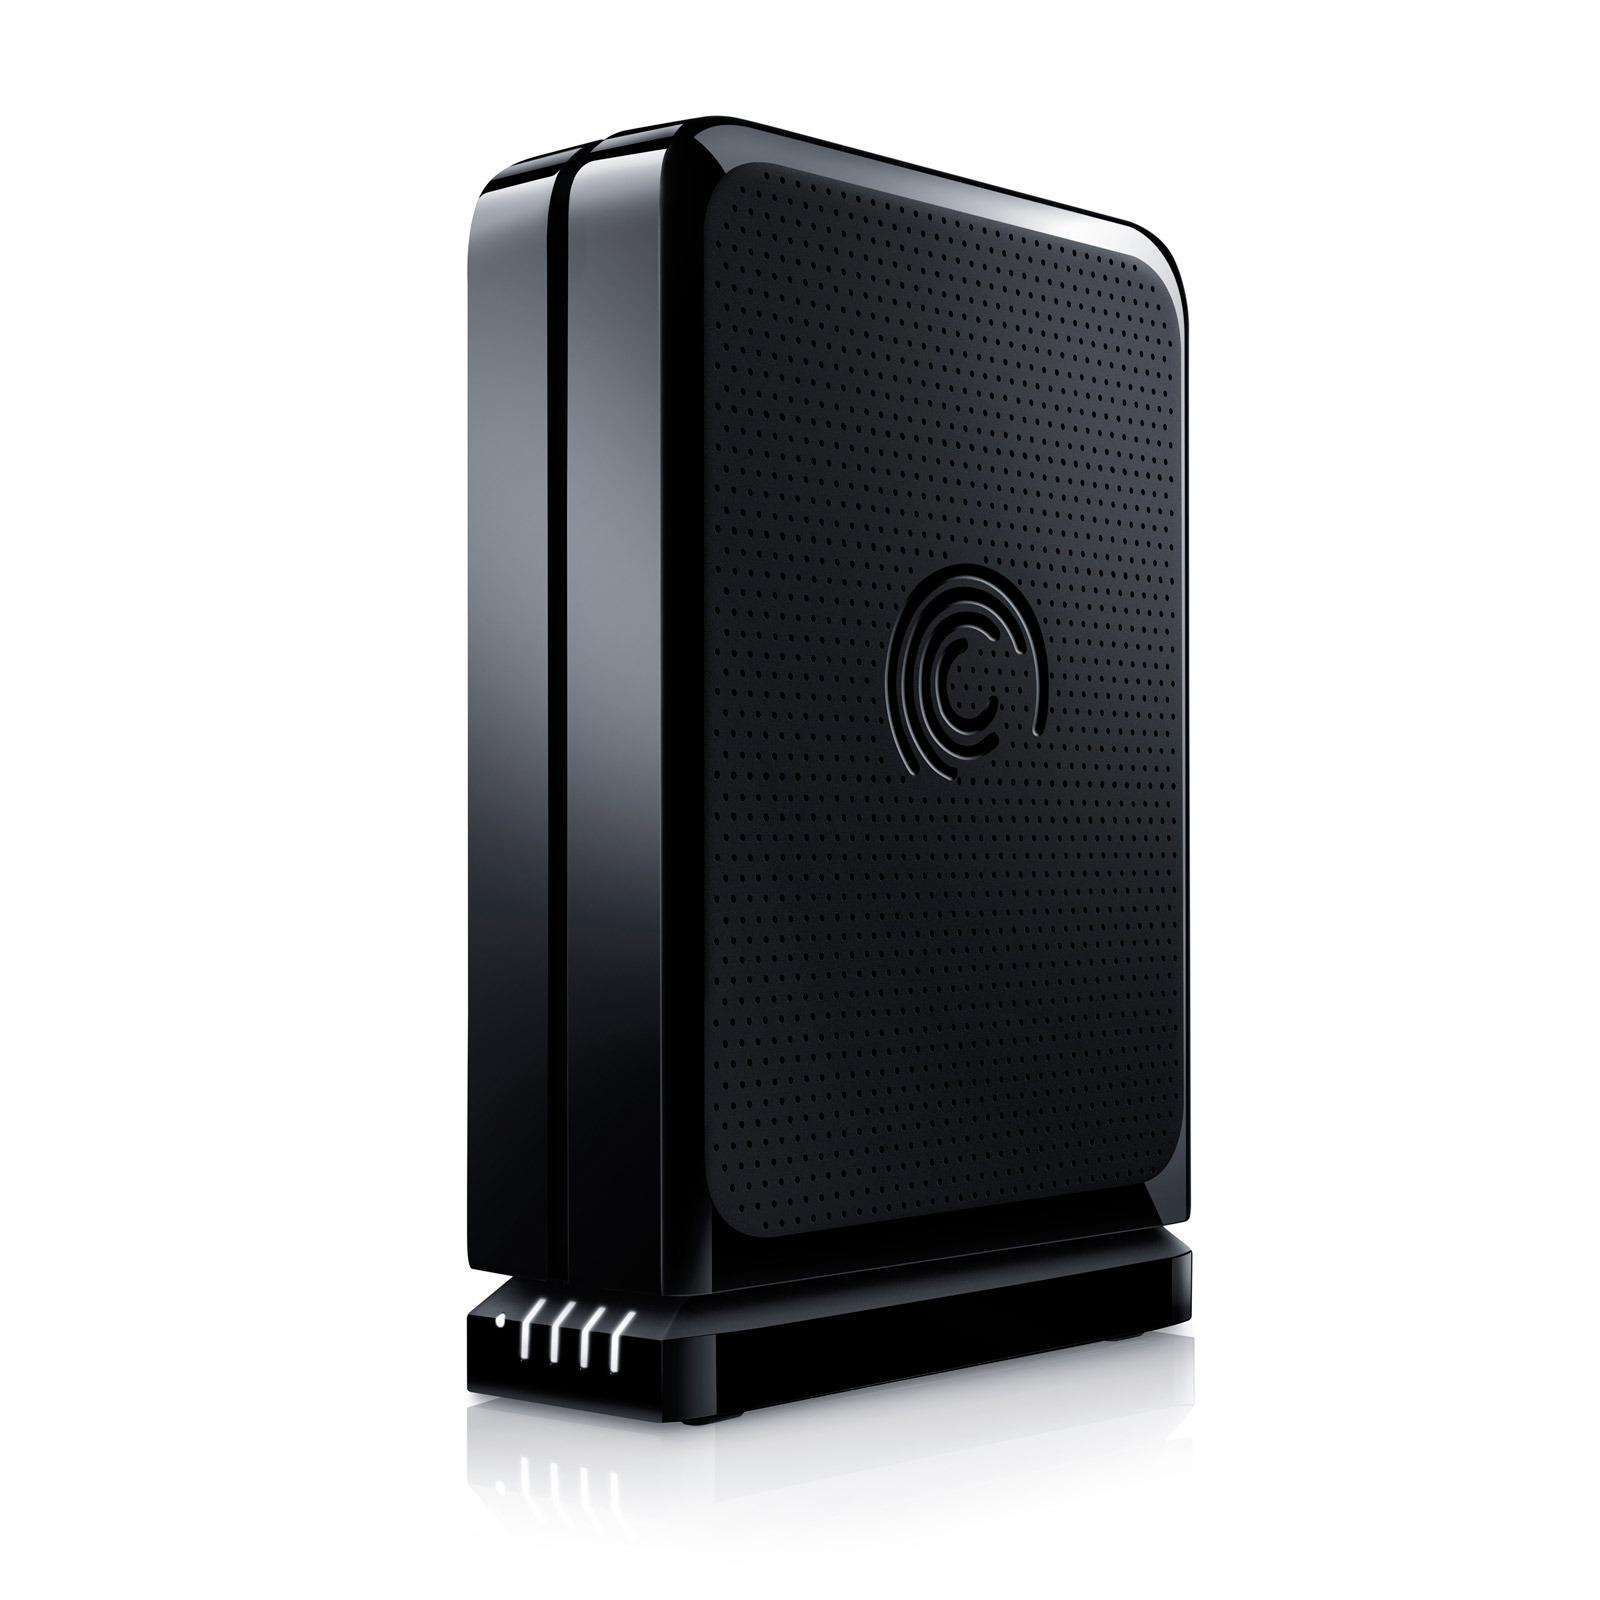 seagate freeagent goflex desk 2 tb disque dur externe seagate technology sur. Black Bedroom Furniture Sets. Home Design Ideas